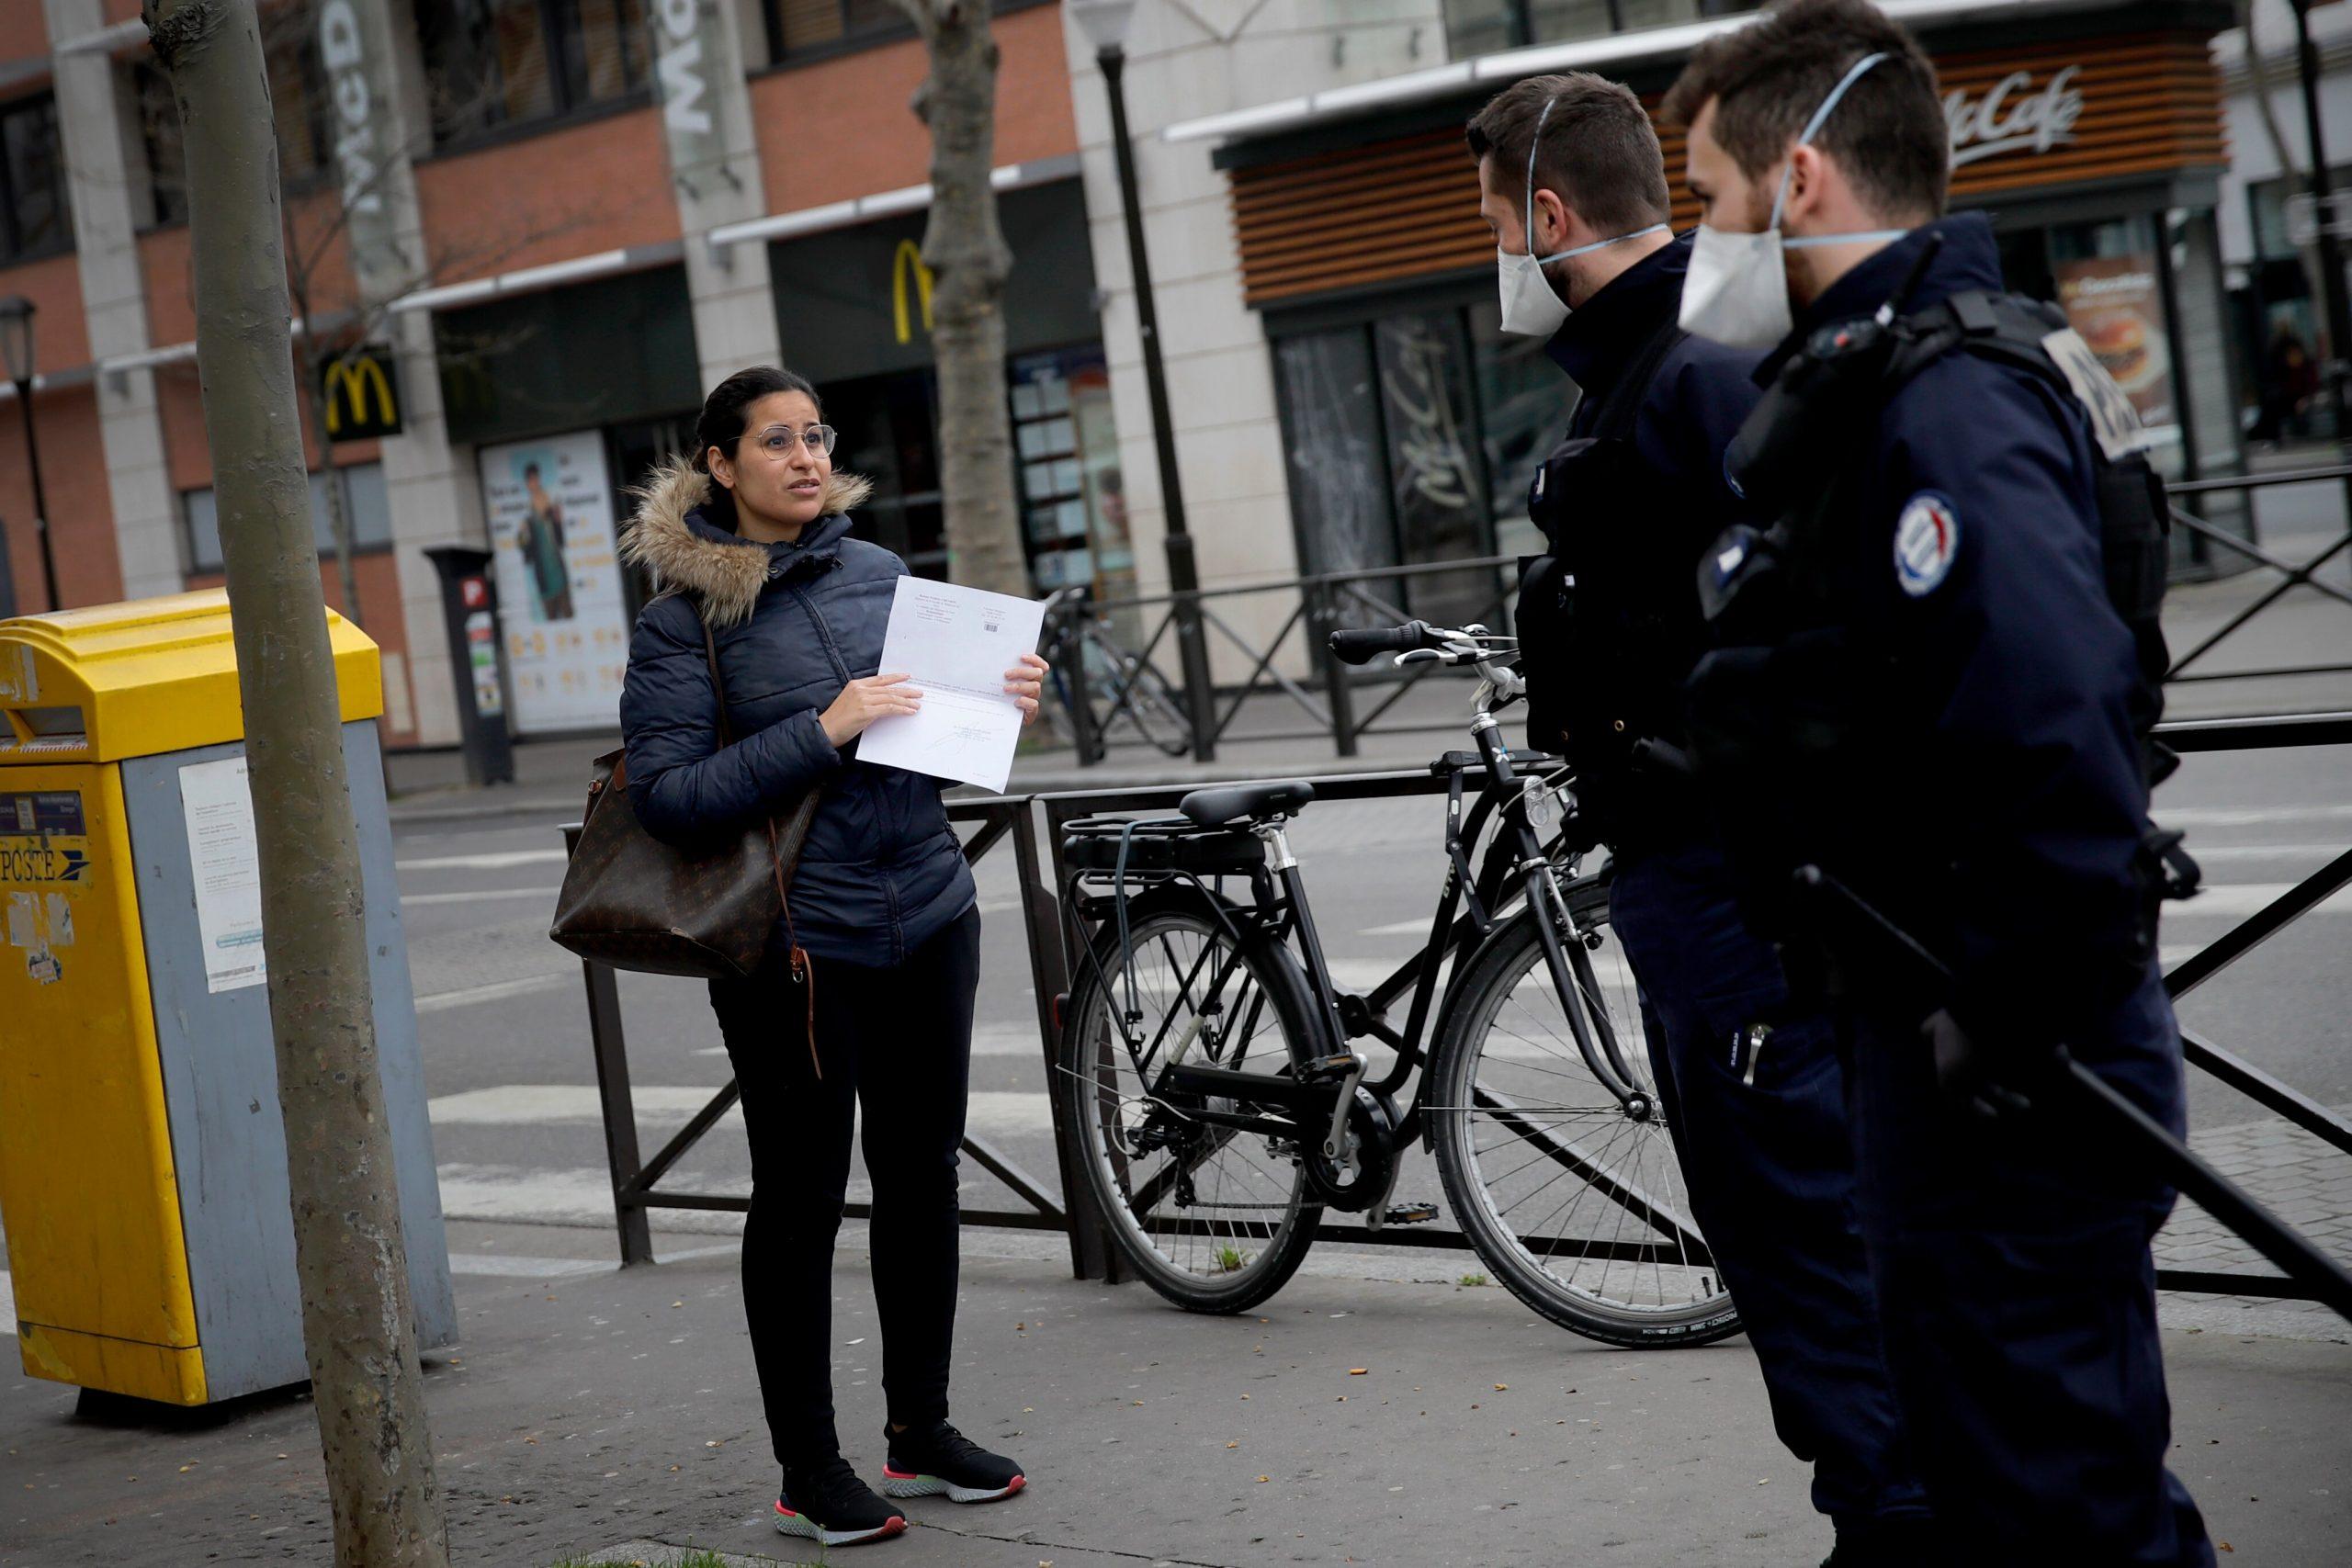 Γαλλία κορωνοϊός: Σταδιακό άνοιγμα ανακοίνωσε ο Macron